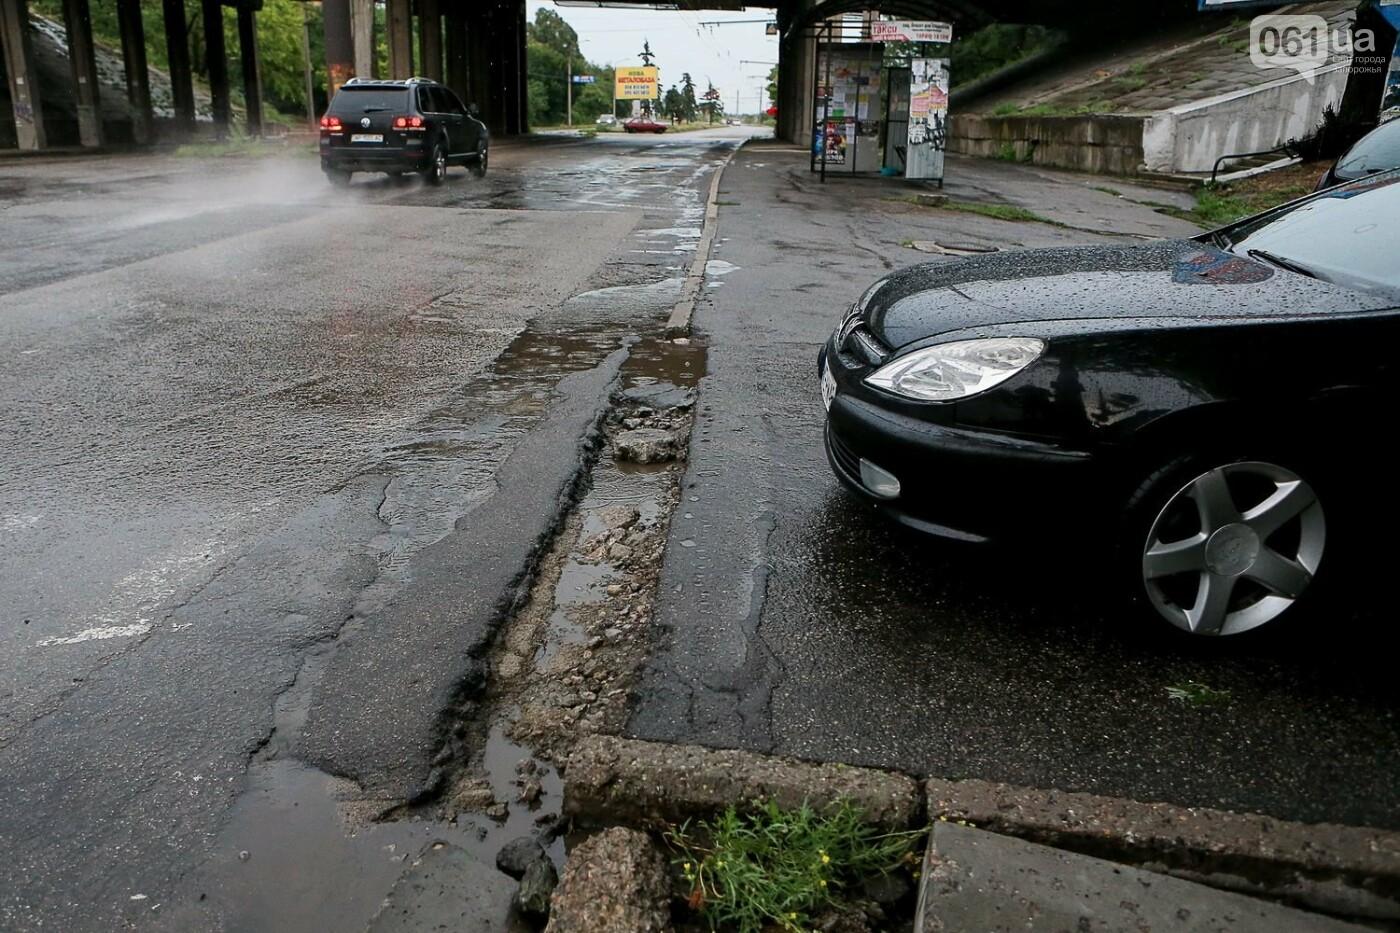 В Запорожье после ливней разрушены дороги: почему это произошло и за чей счет отремонтируют, - ФОТОРЕПОРТАЖ, фото-6